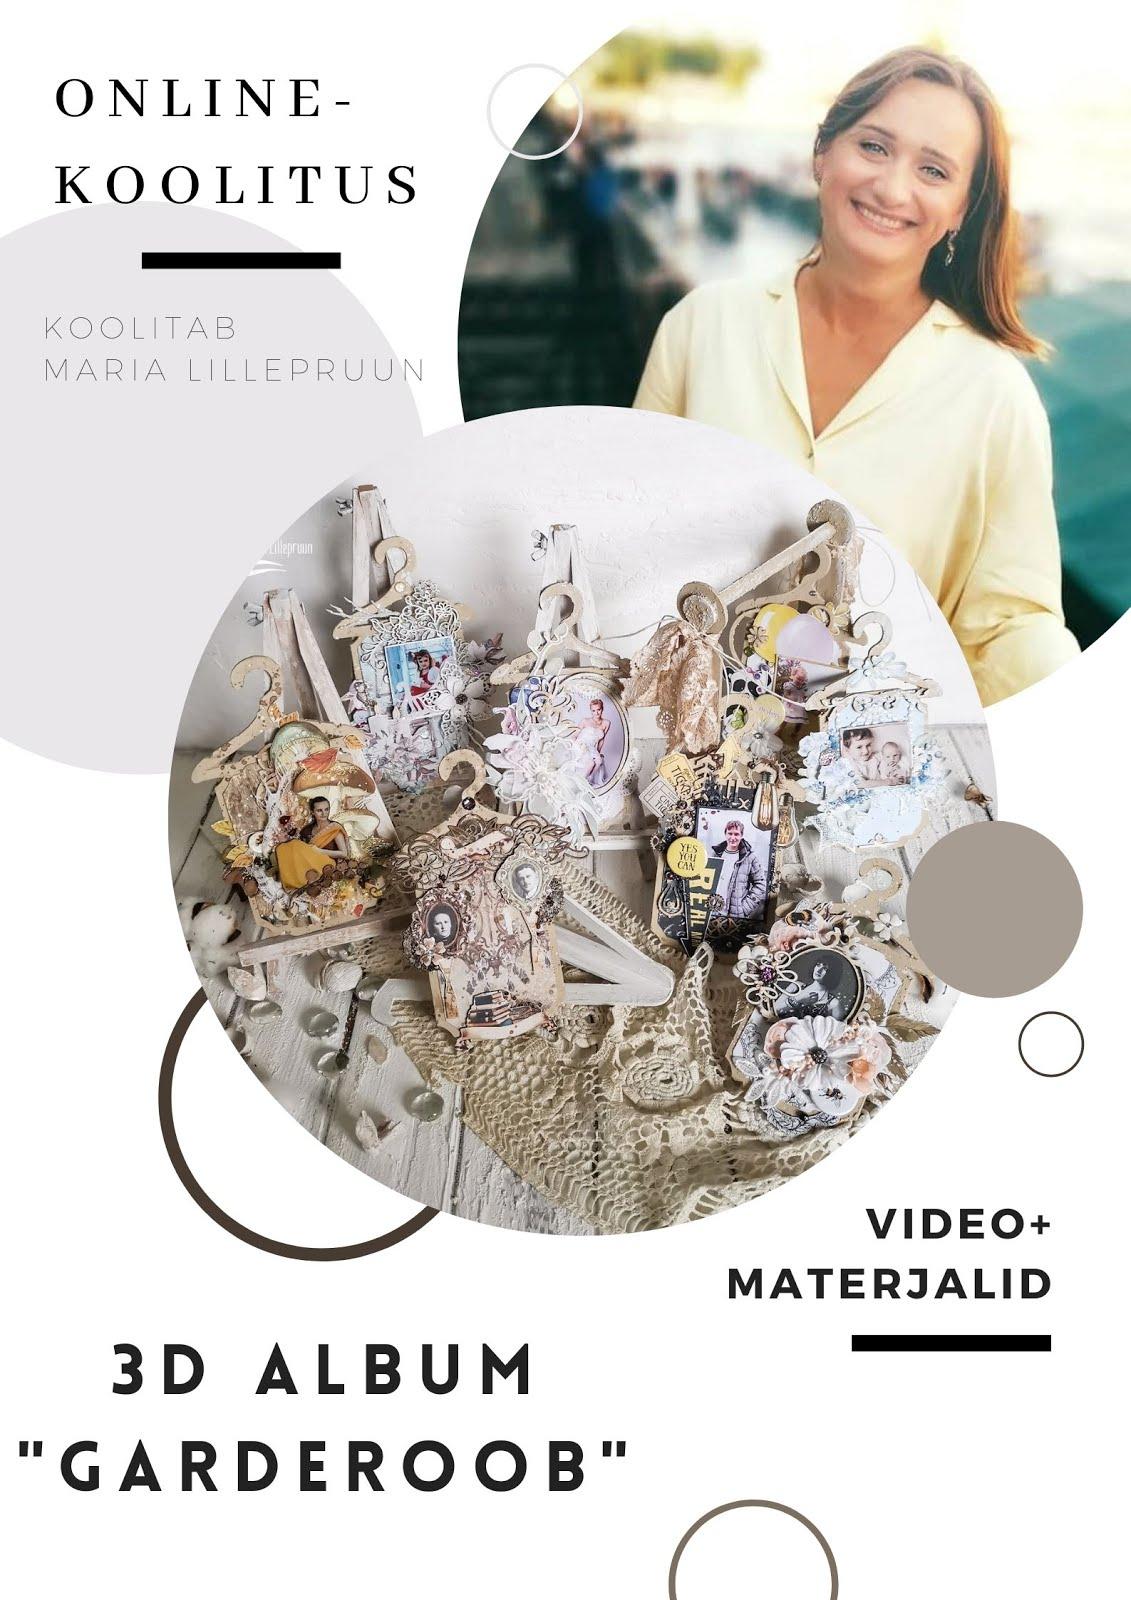 """Online-koolitus """"3D album """"Garderoob"""" (eesti keeles)"""